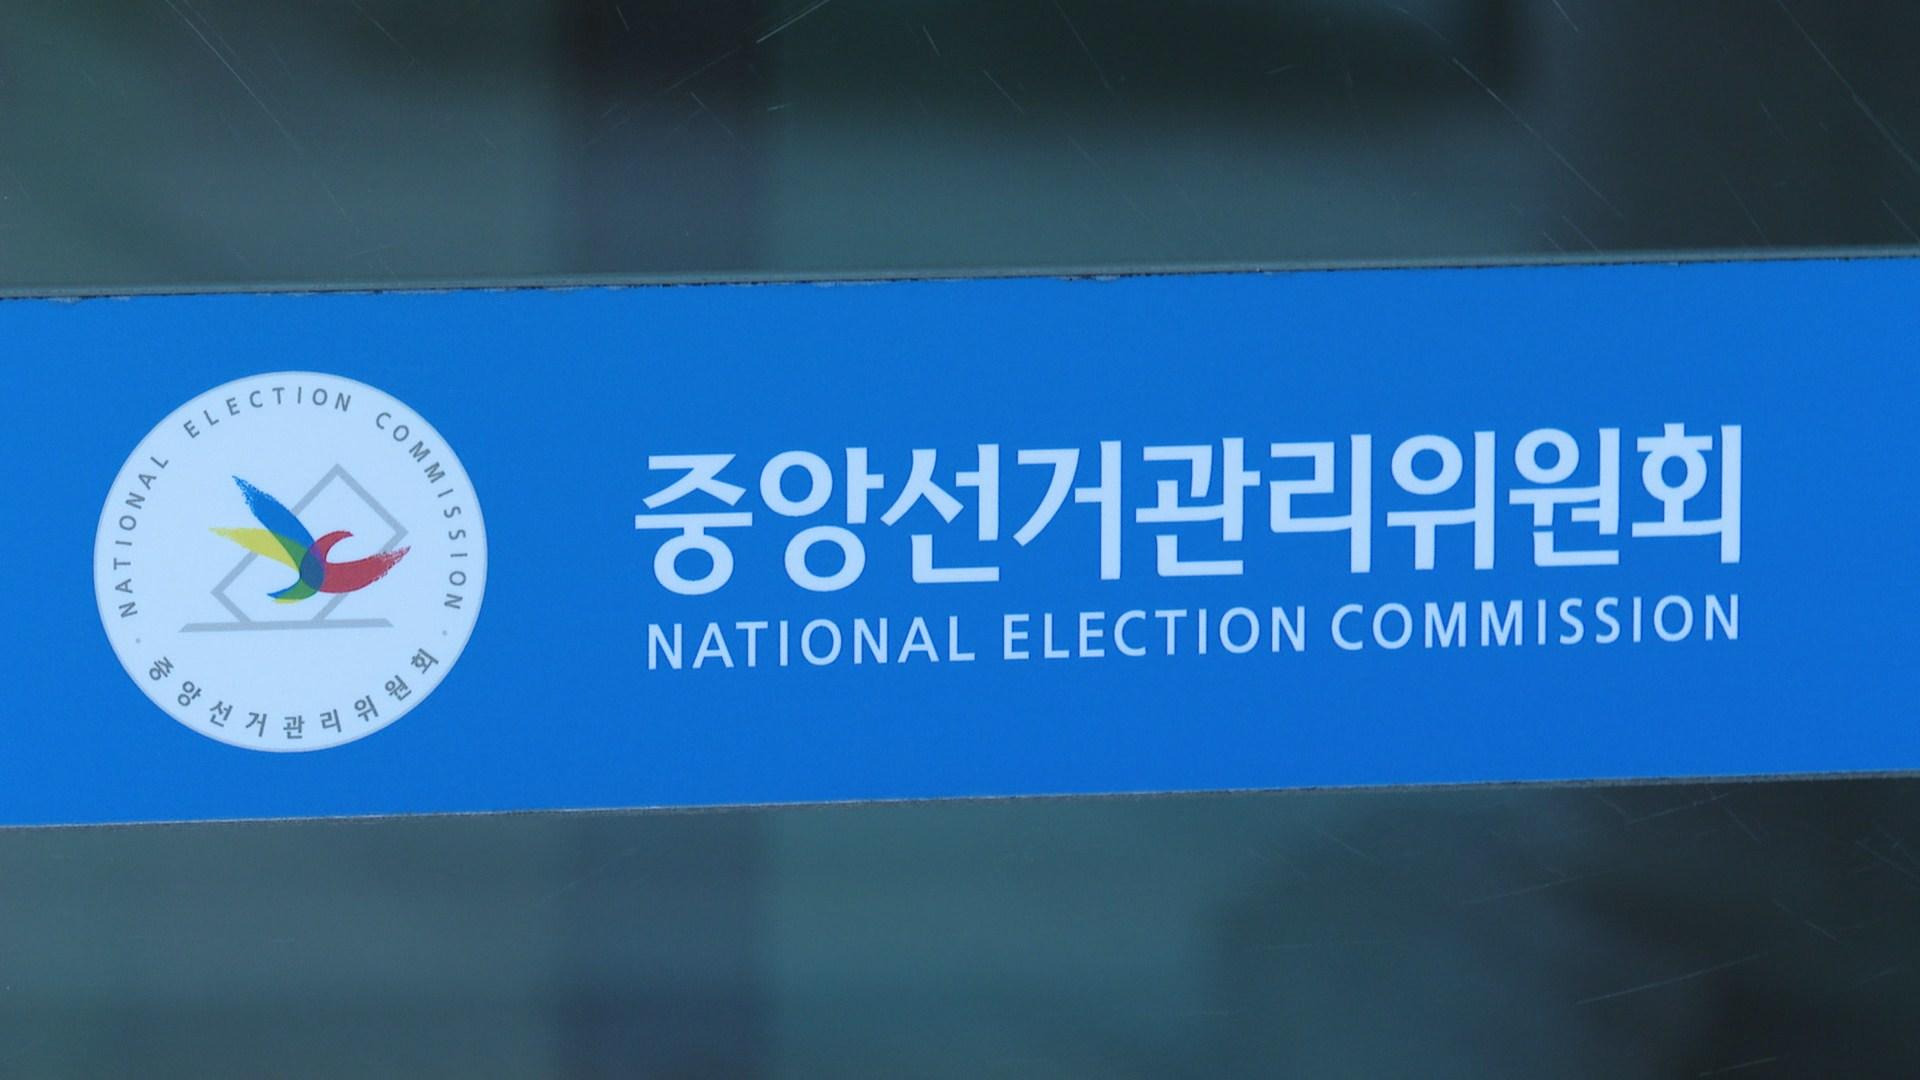 獨교민, 재외투표 중지에 헌법소원·정지가처분 내기로